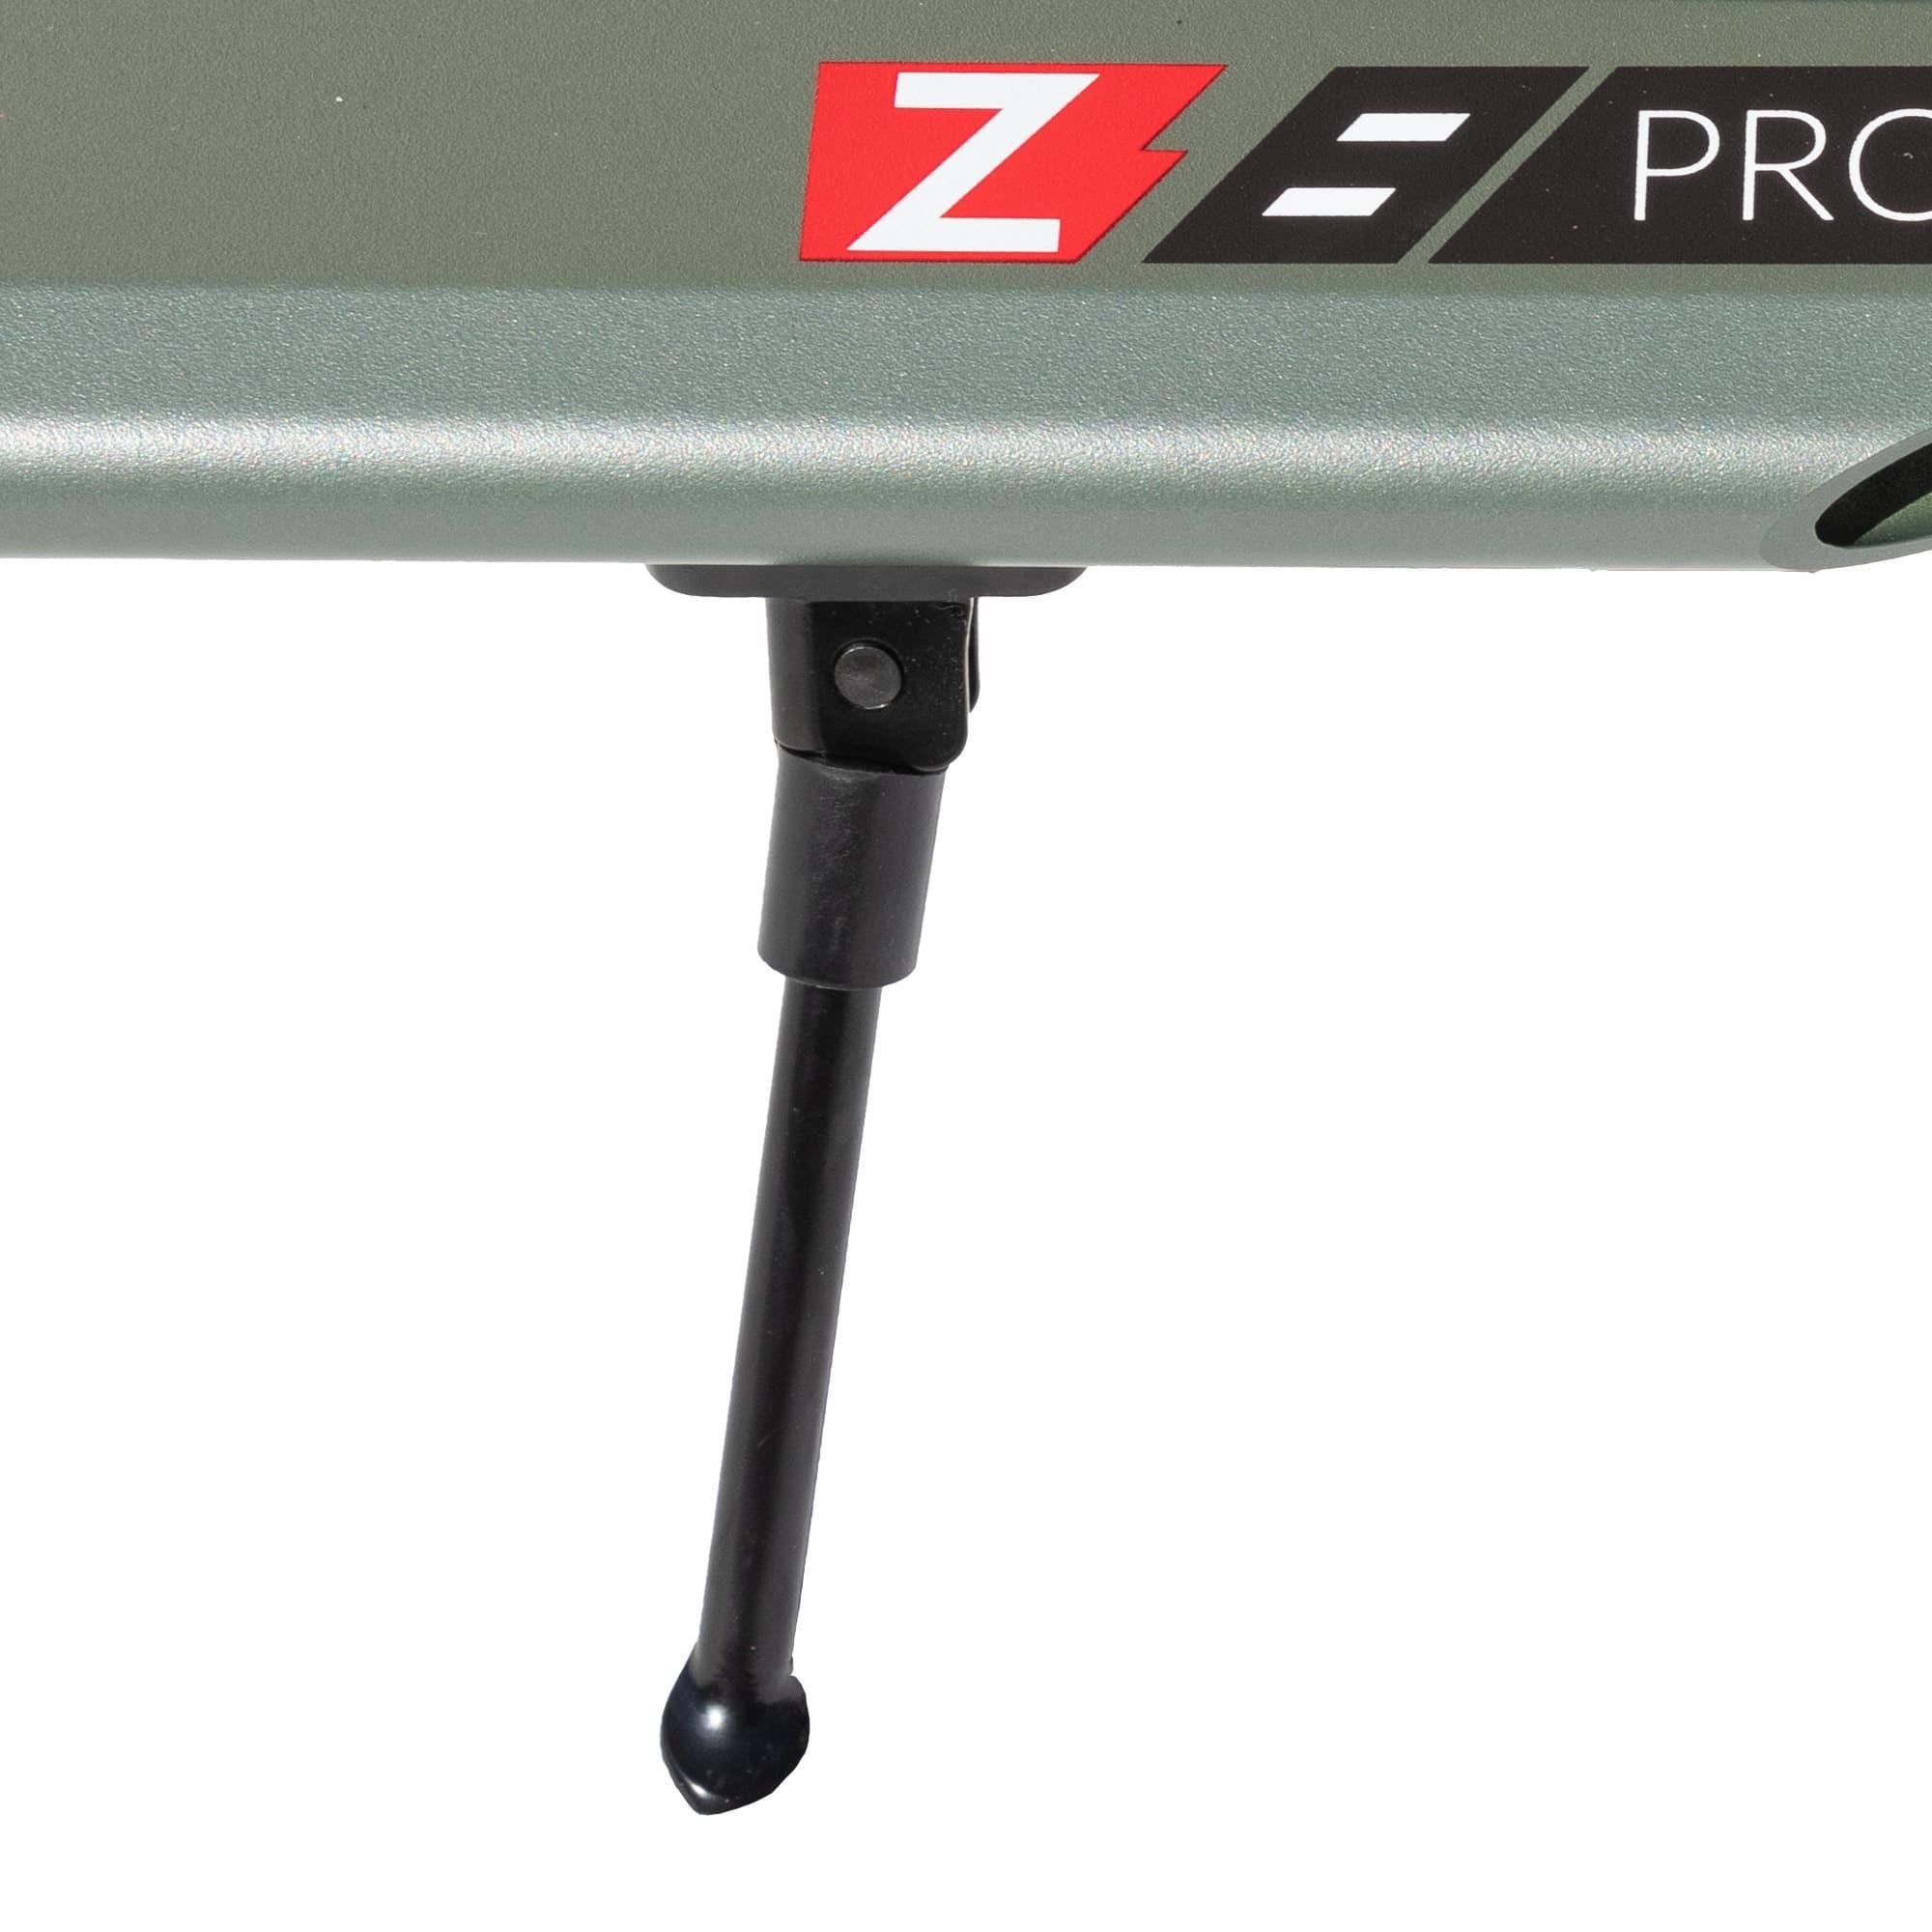 Afbeelding van Z8Pro standaard